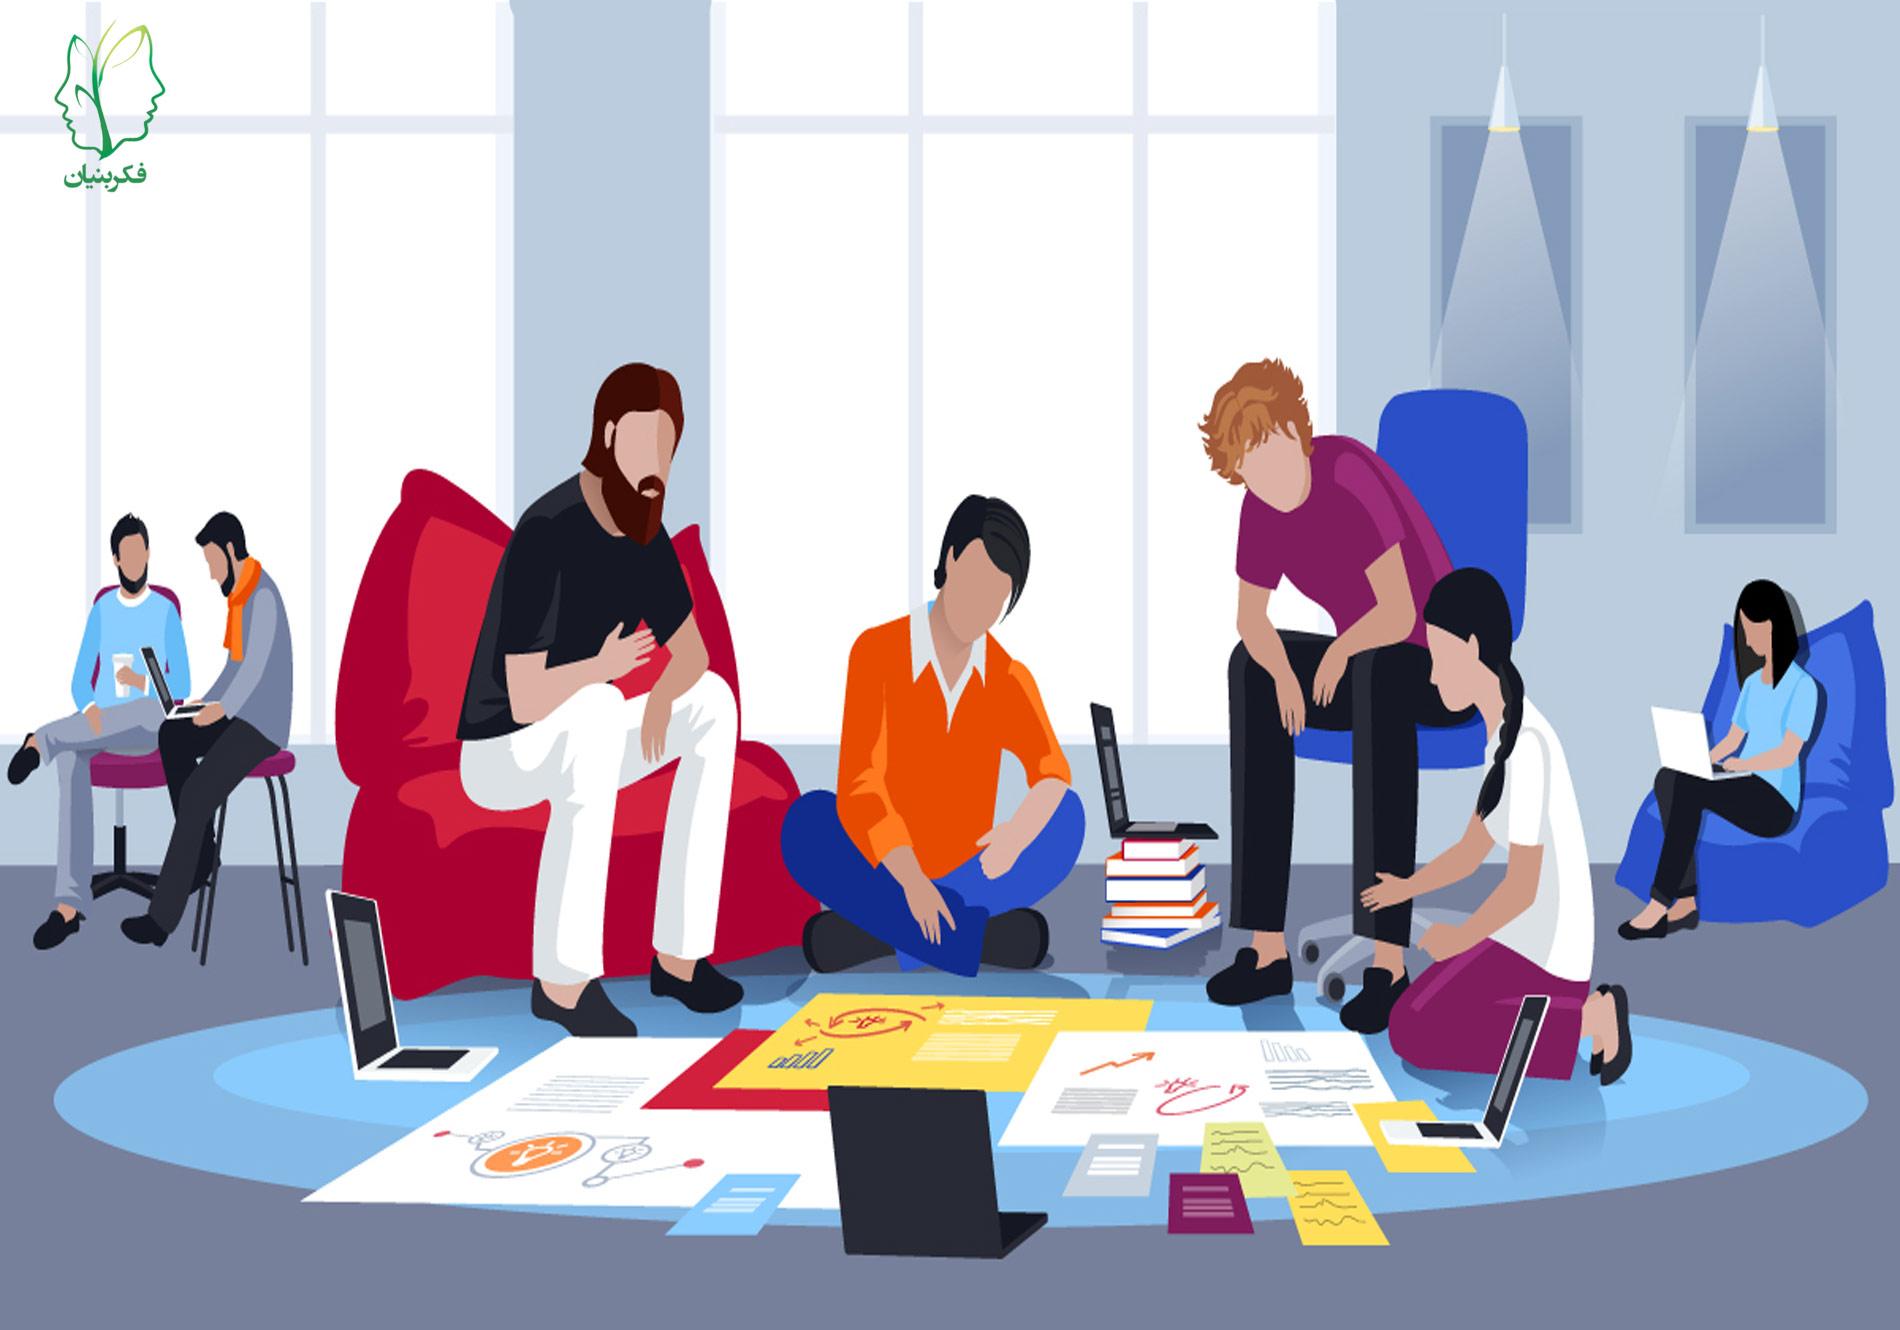 کار گروهی و توصیههایی برای مؤثرتر کردن آن